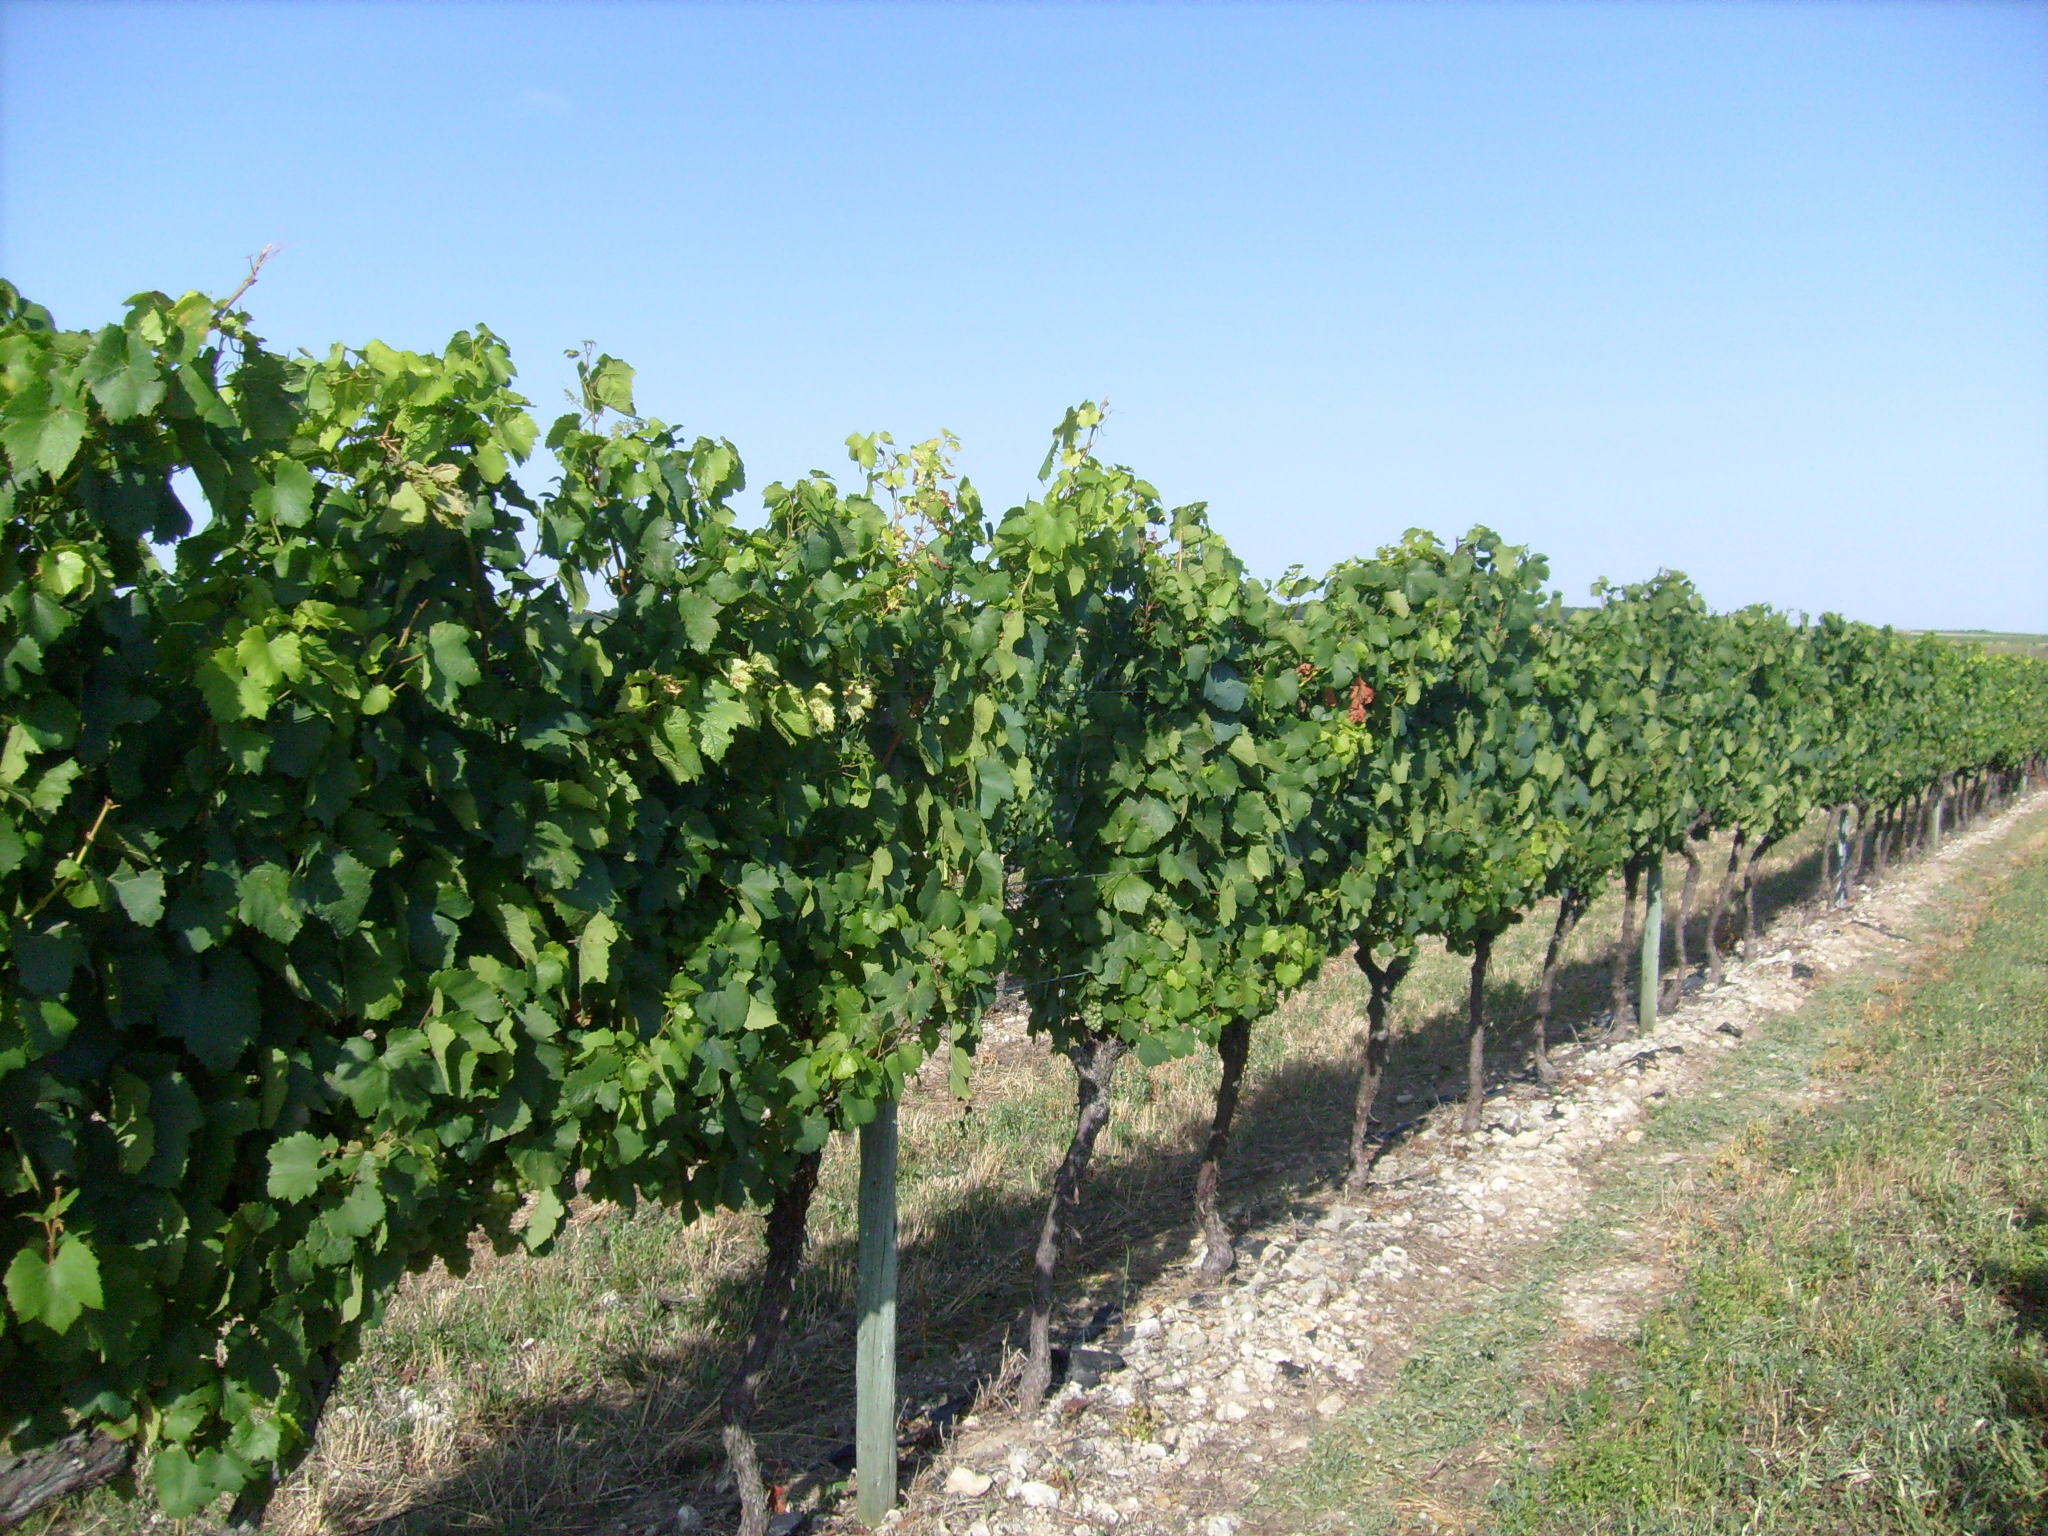 Les vignobles de Charente-Maritime 1